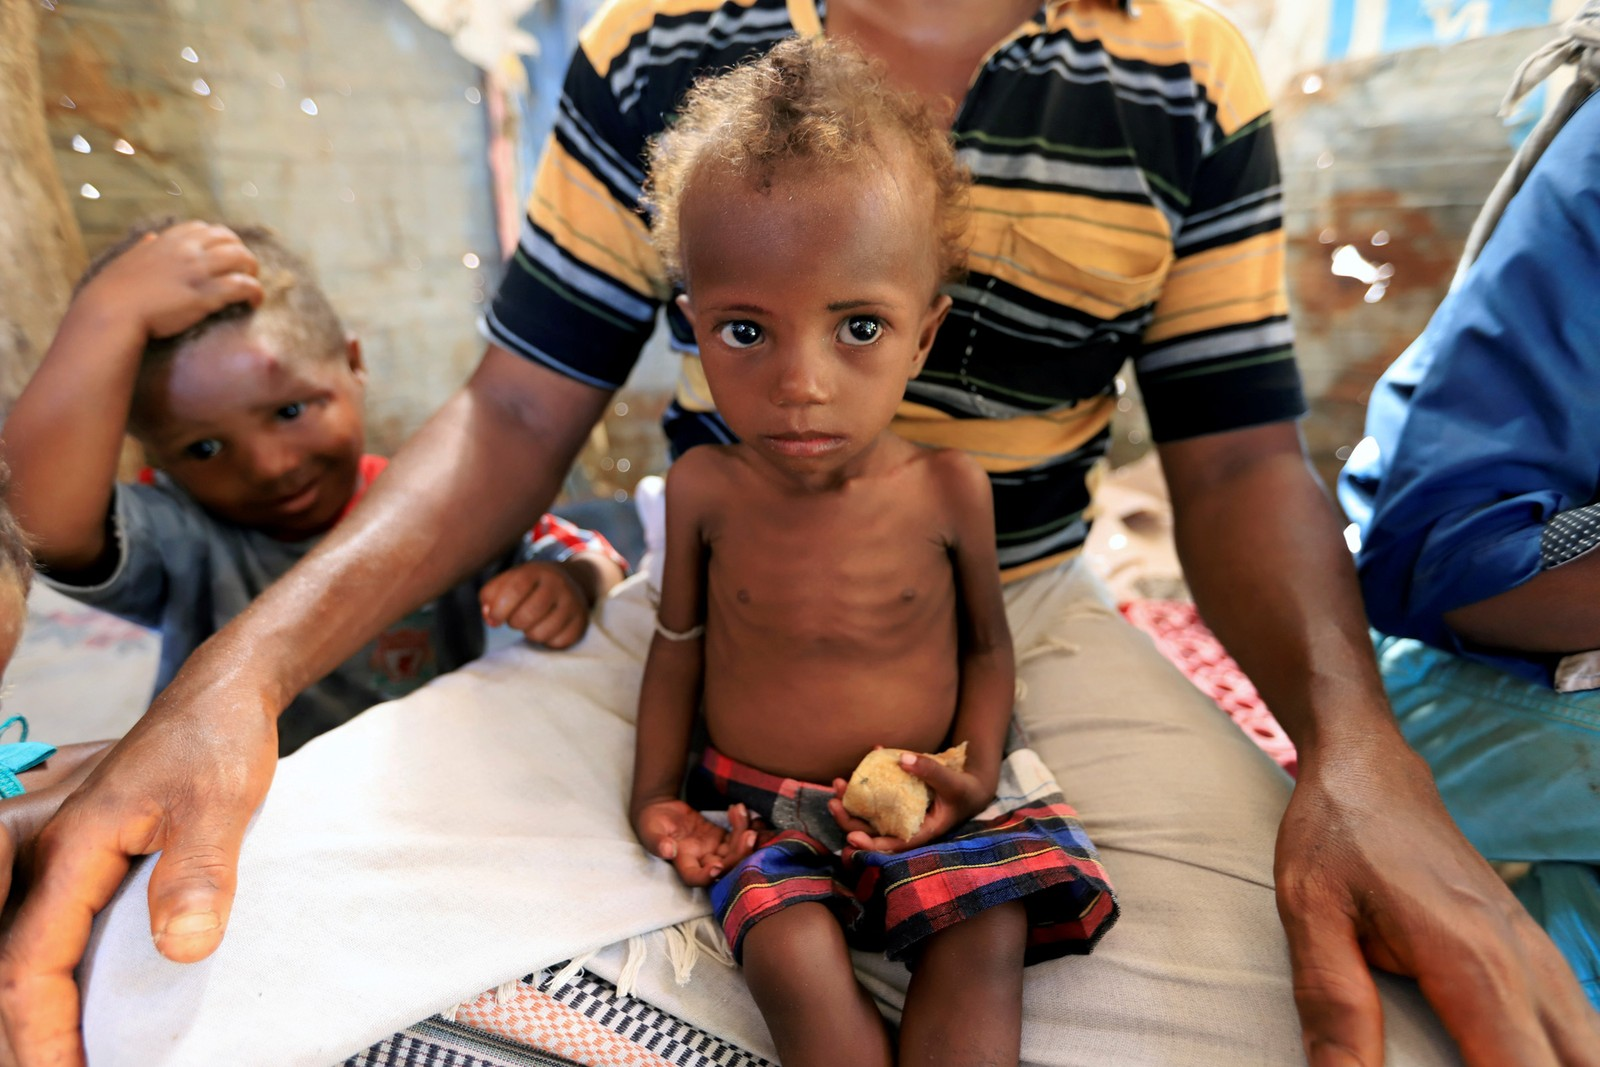 Uma menina desnutrida é vista no colo de seu pai em uma favela em Hodeidah, no Iêmen — Foto: Abduljabbar Zeyad/Reuters